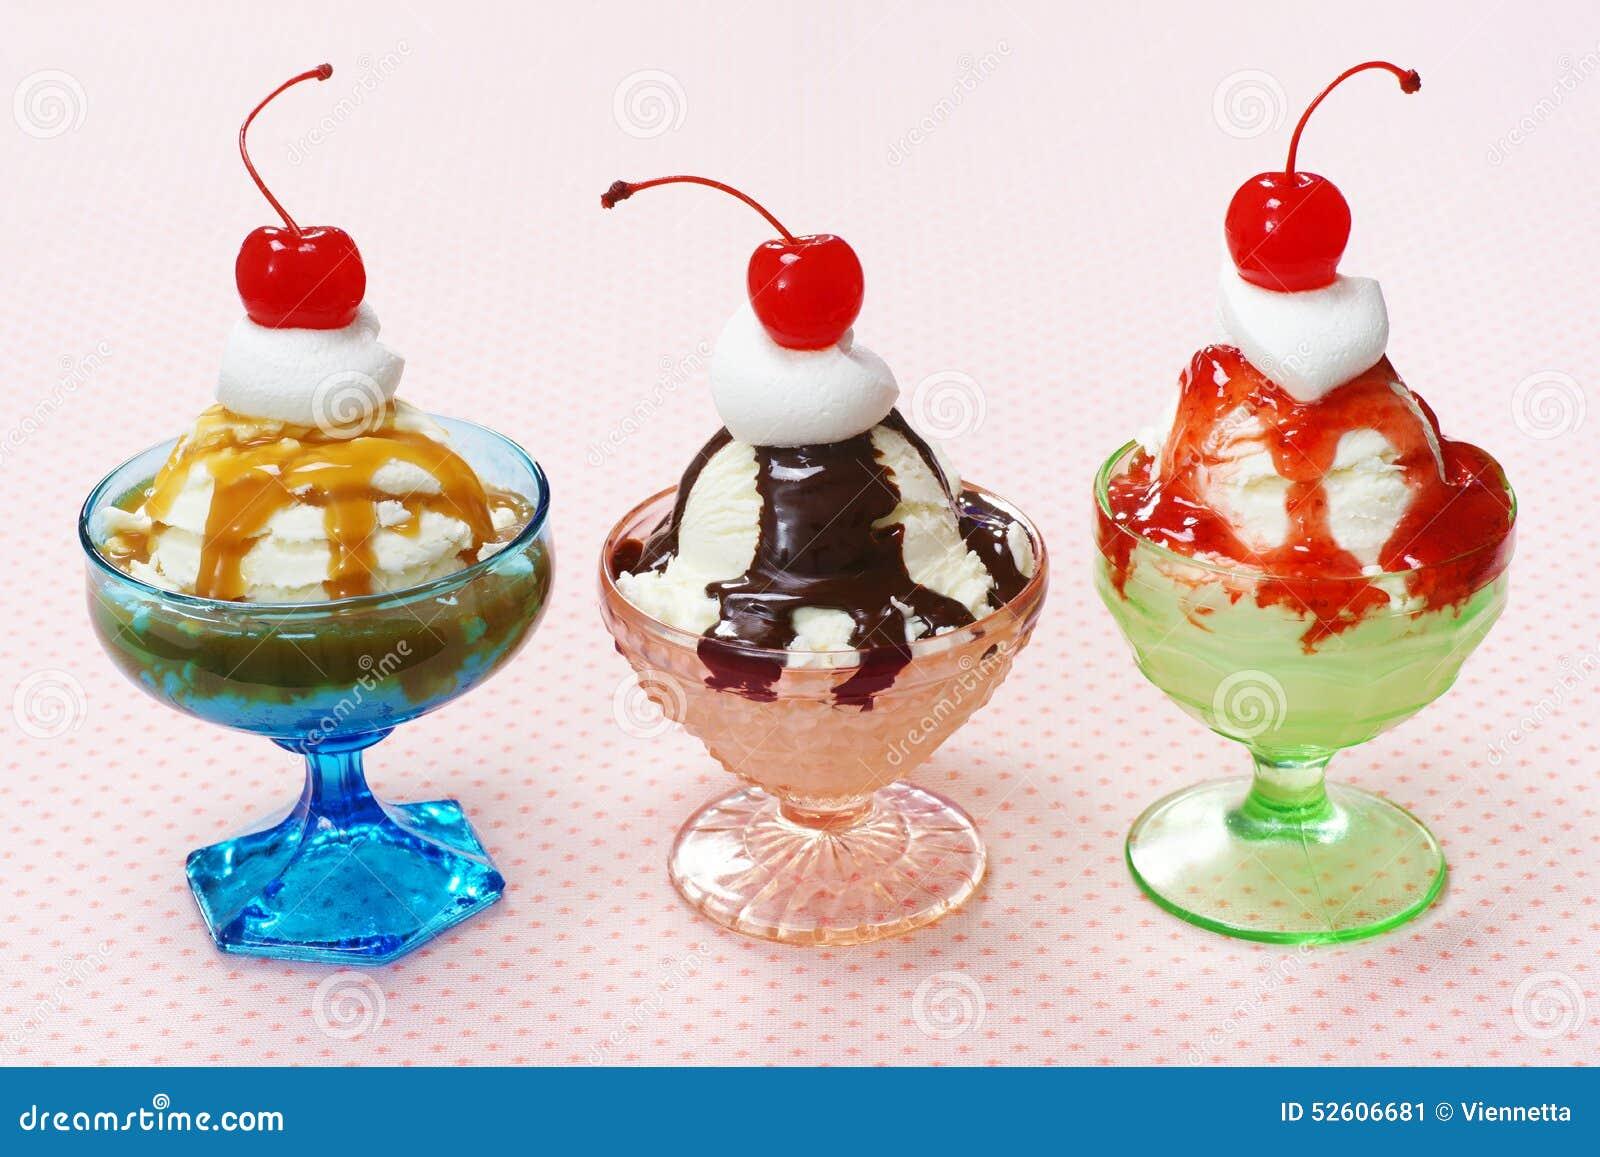 在葡萄酒玻璃盘的冰淇凌圣代冰淇淋三个味道